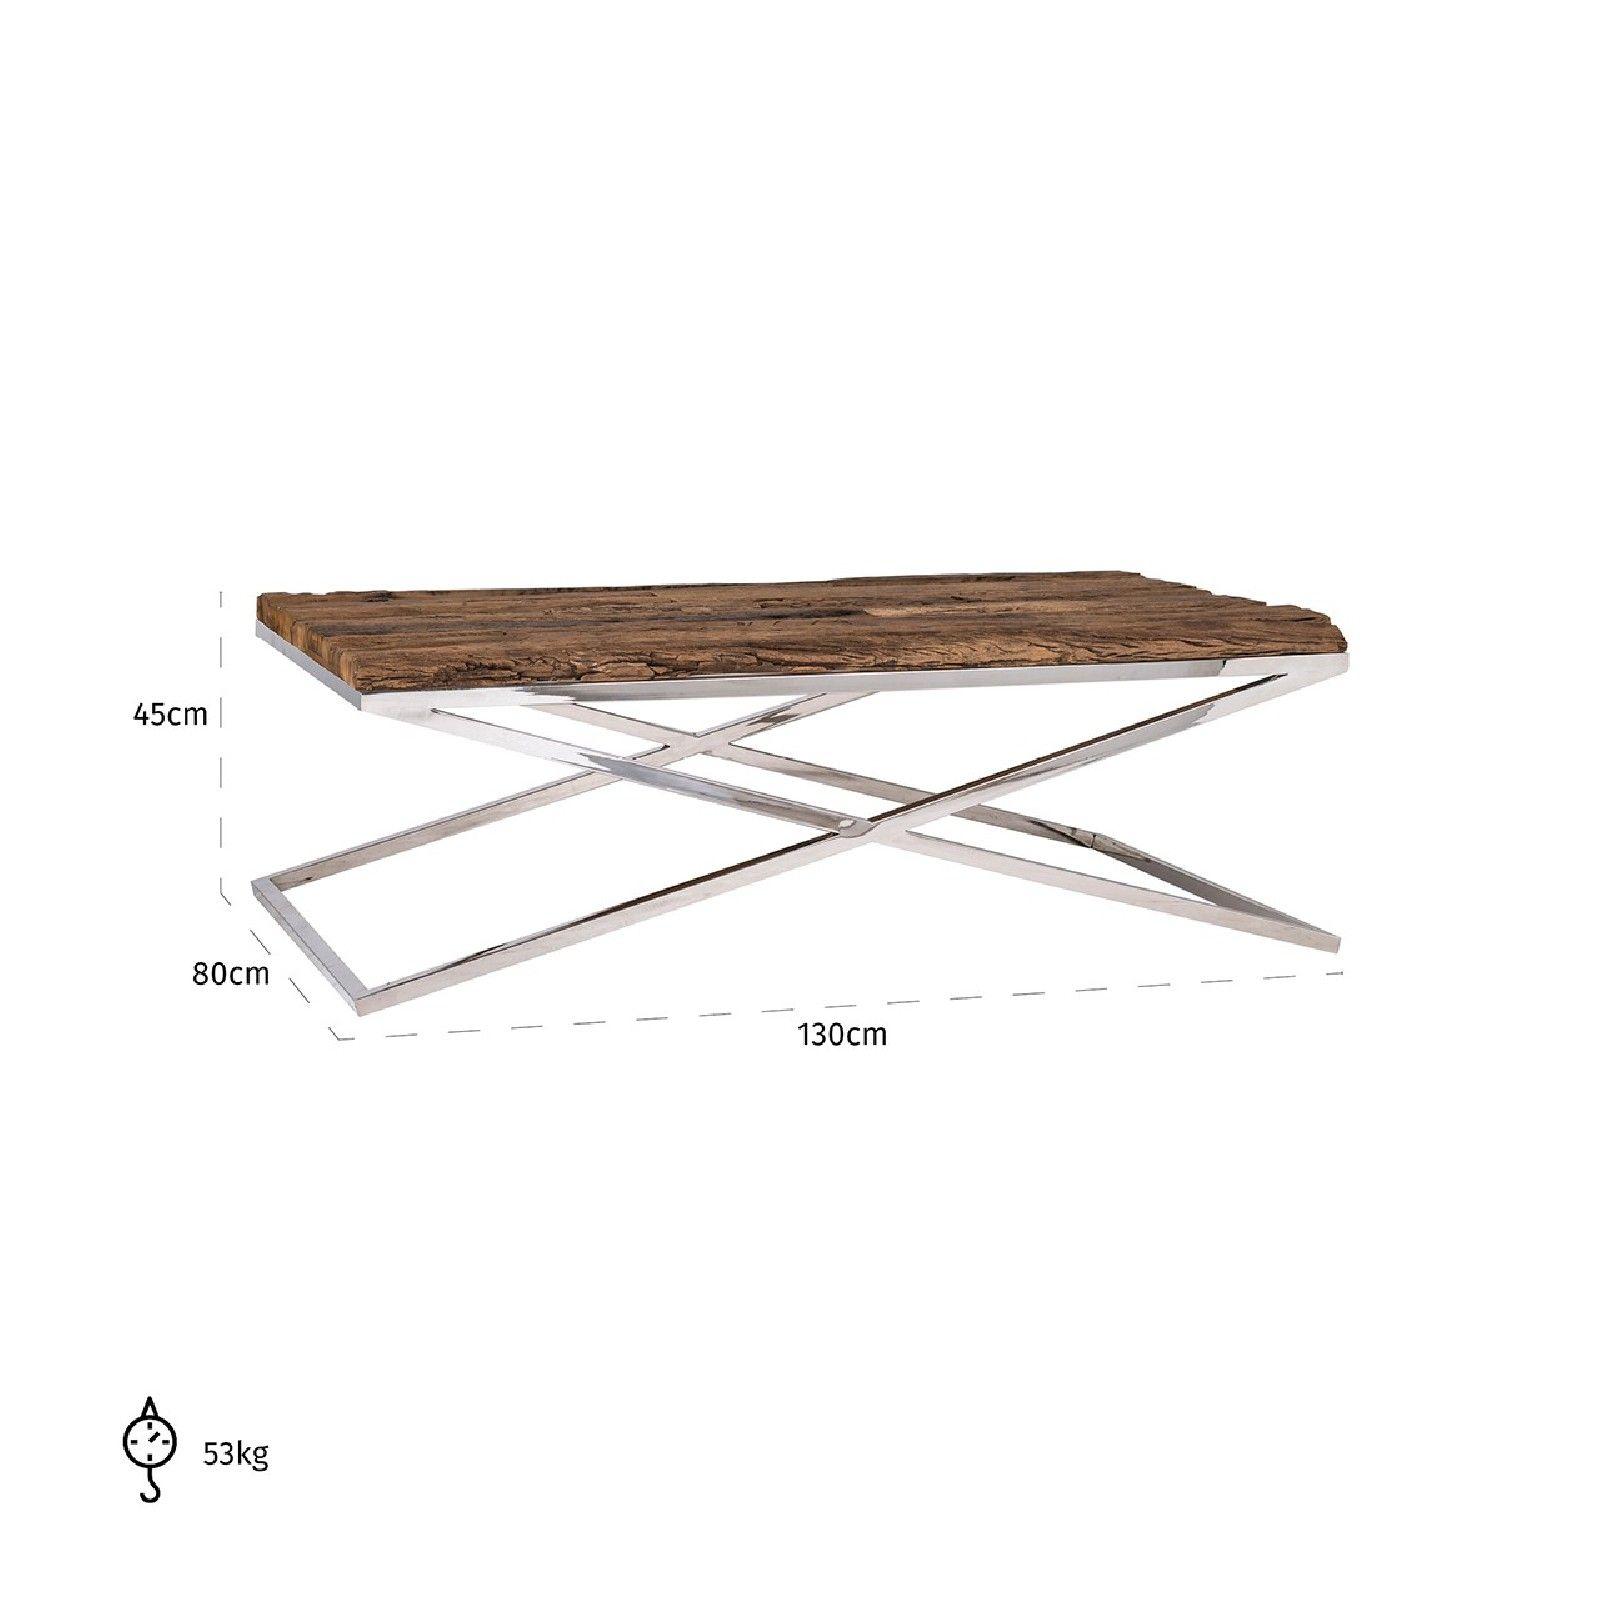 Table de salon Kensington 130x80 Tables basses rectangulaires - 263